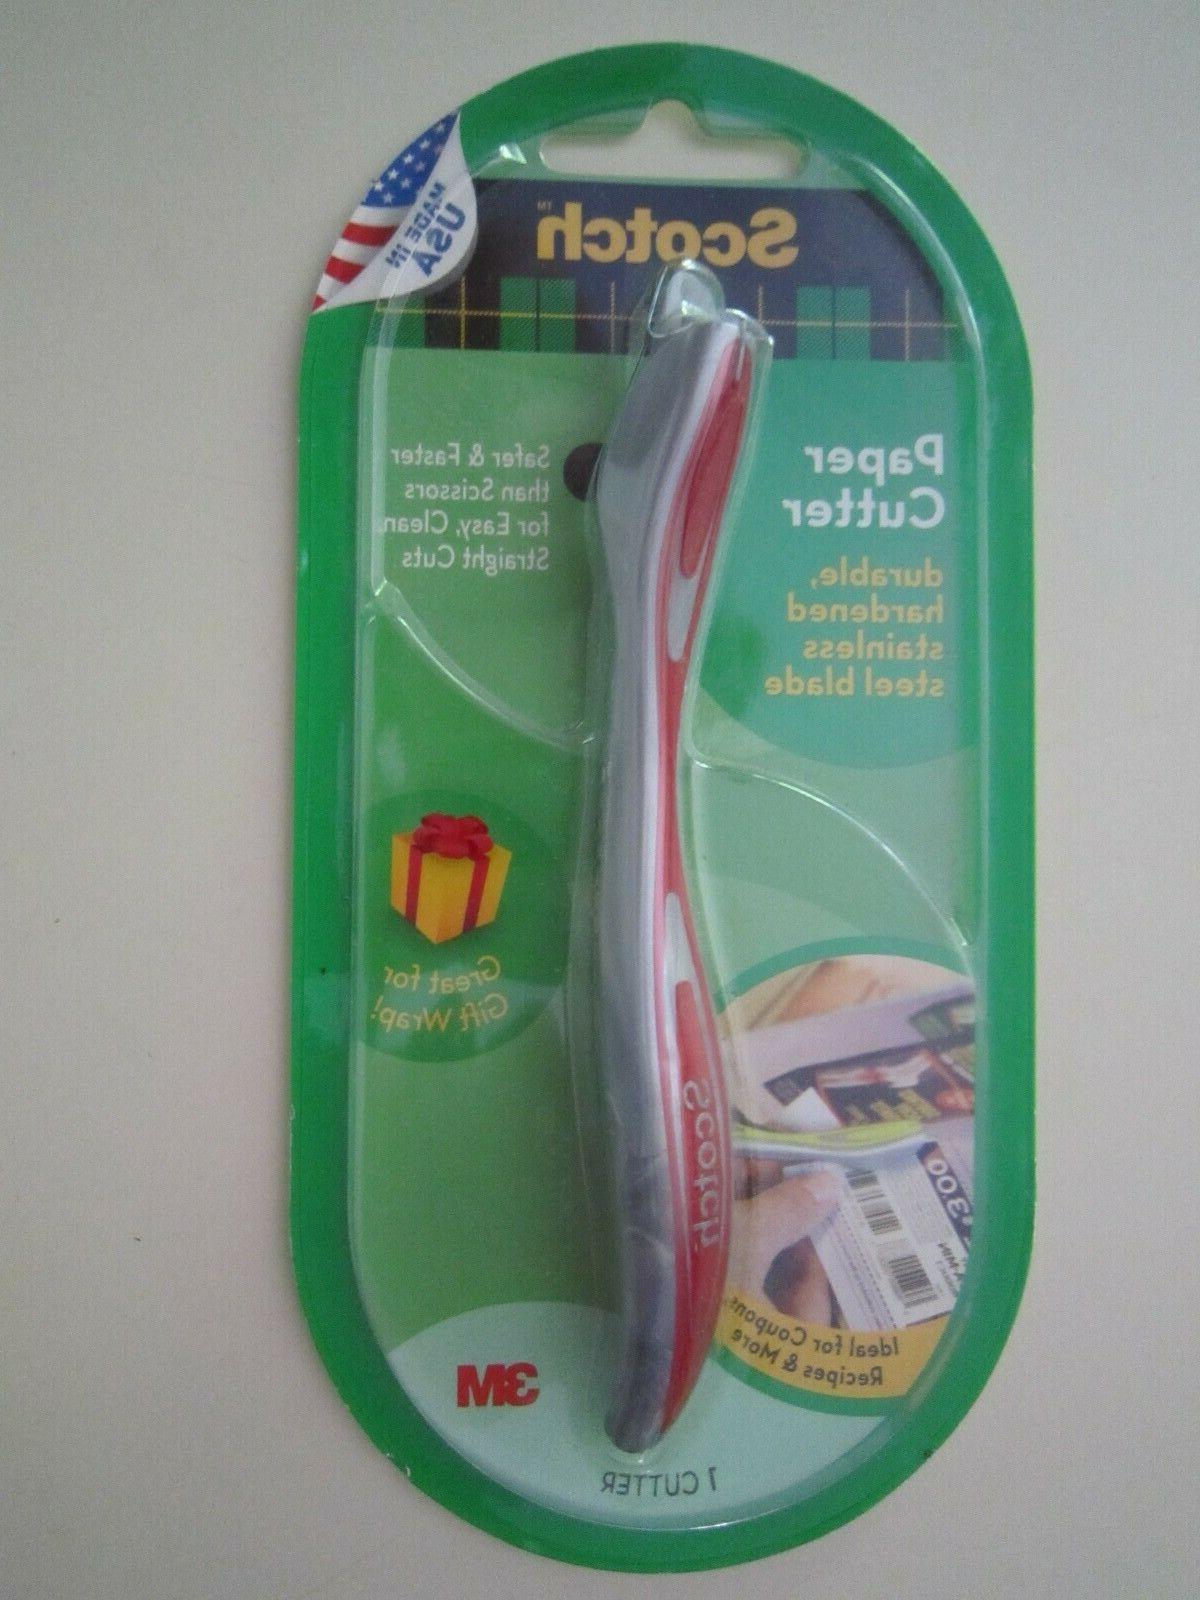 3m scotch paper cutter tool made in